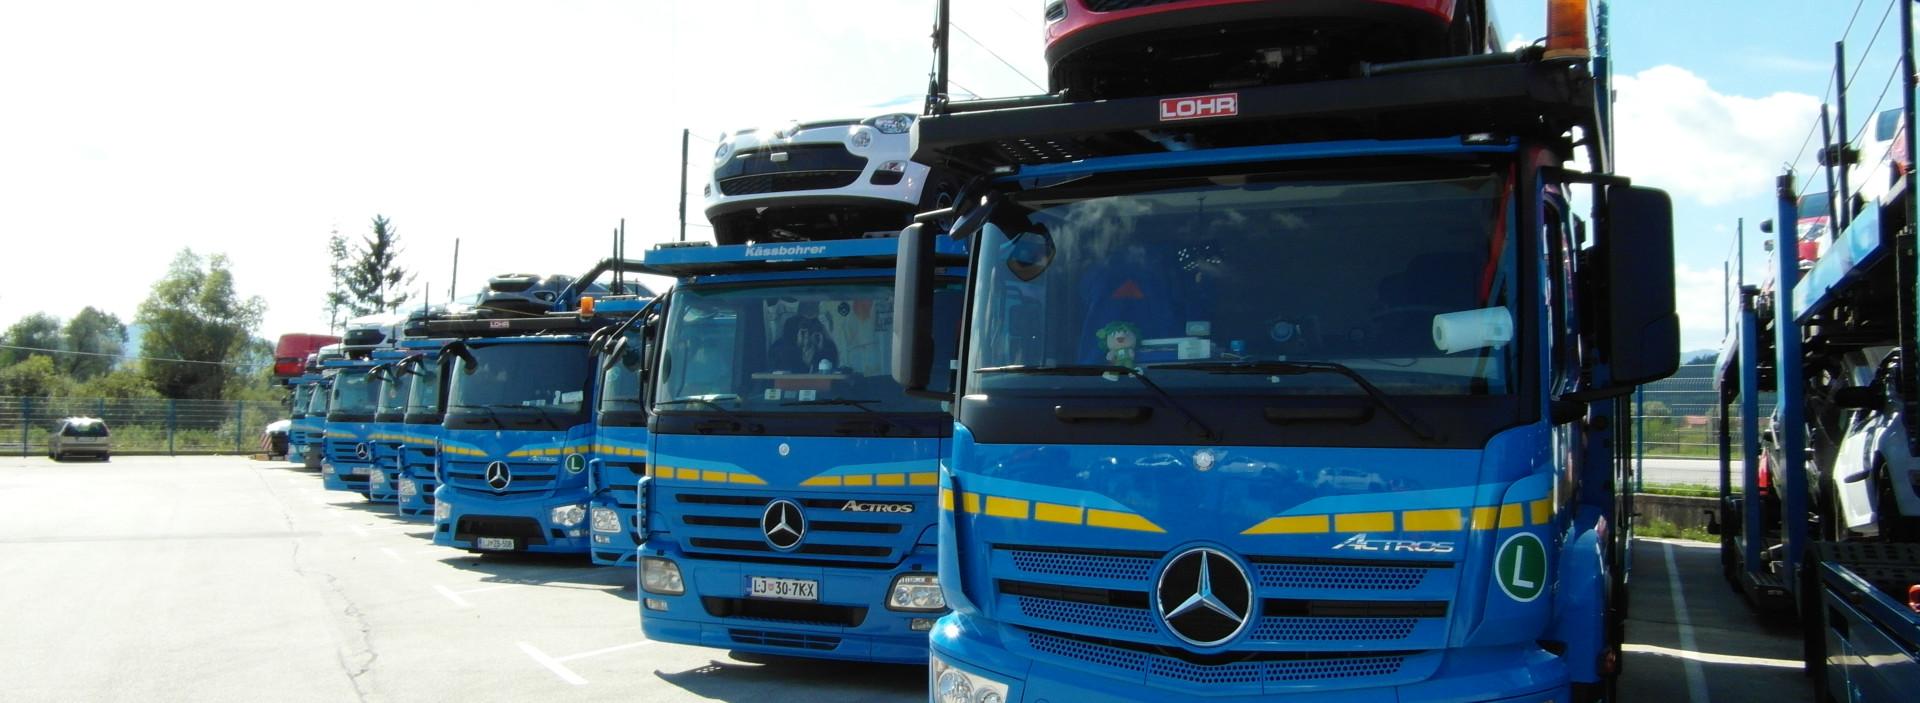 Nova vozila V podjetju smo posodobili vozni park za kvalitetnejše storitve prevozov. Preberi več